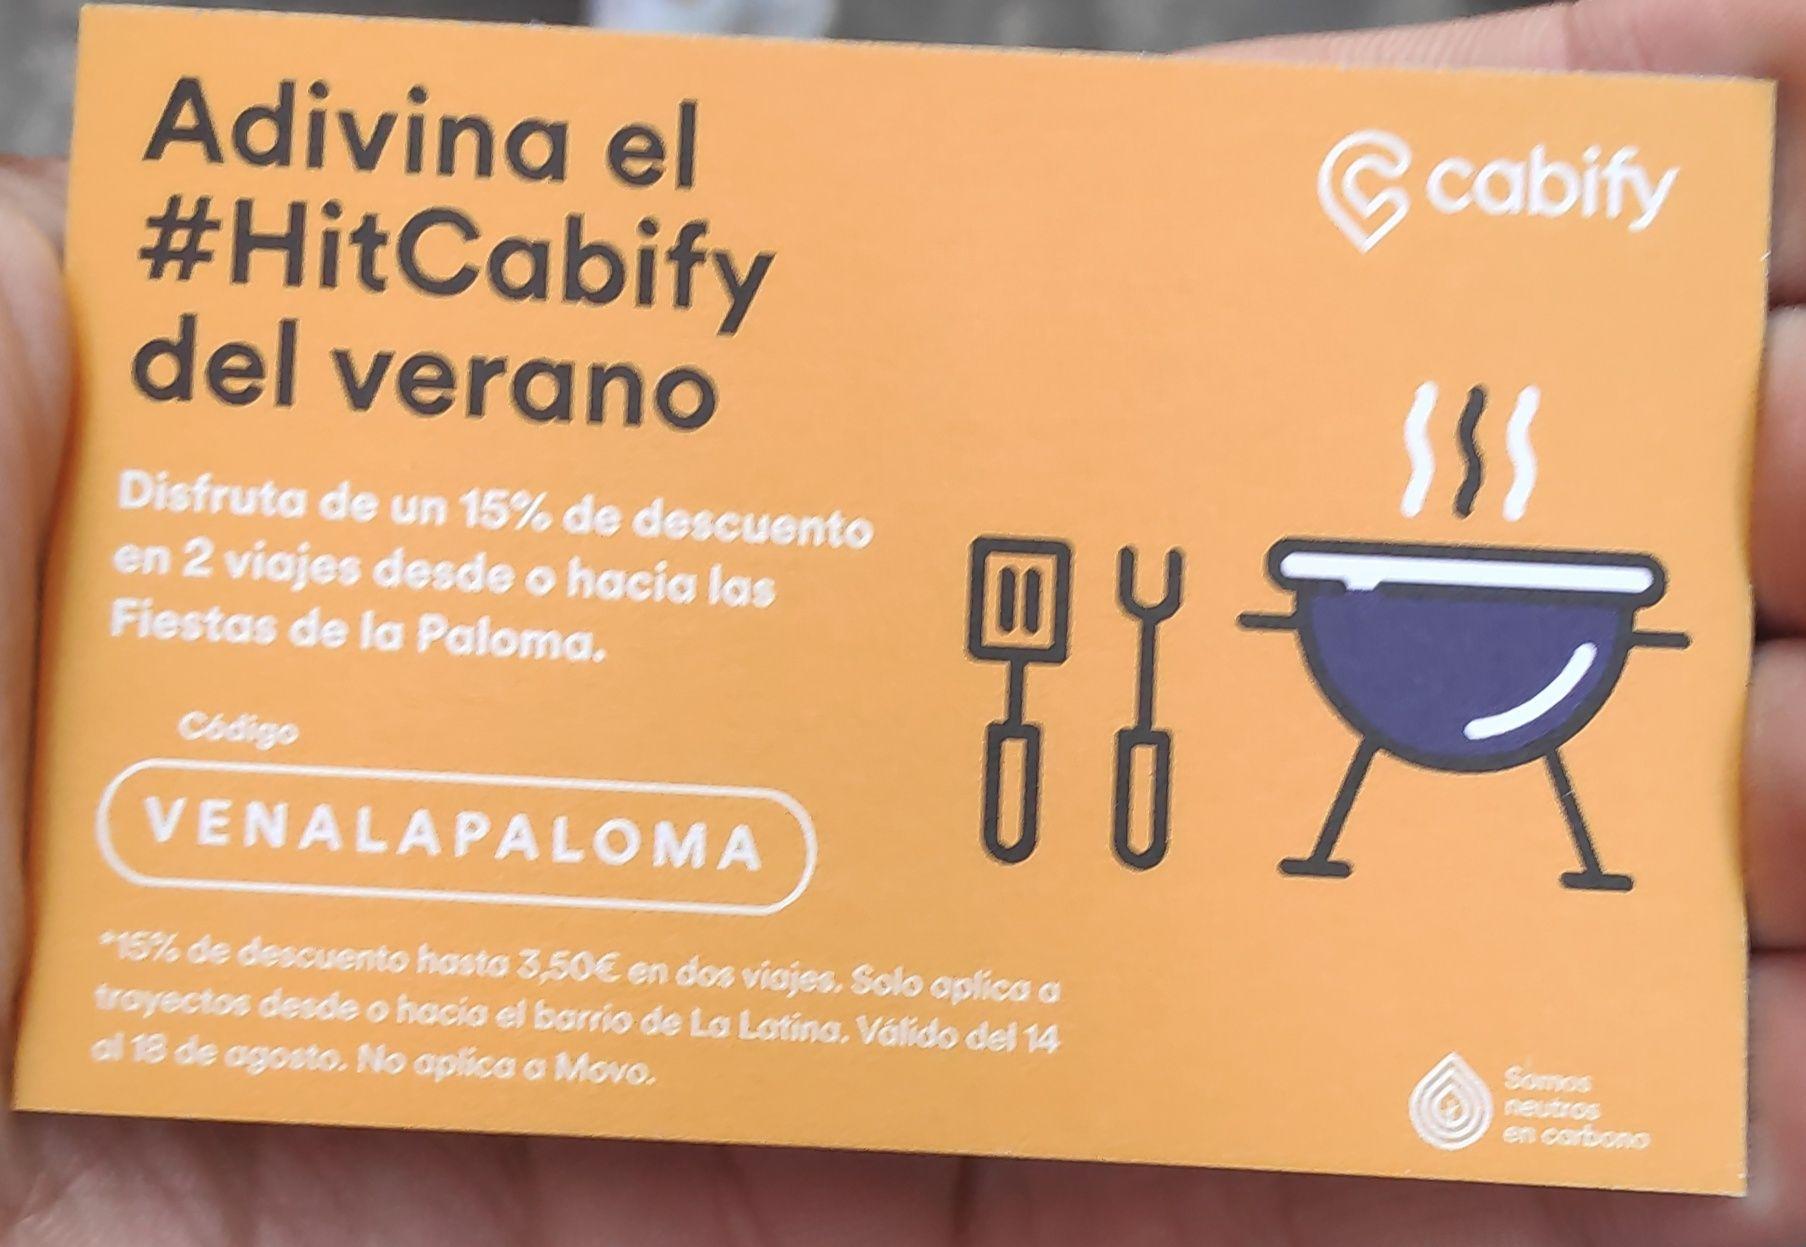 15% descuento Cabify